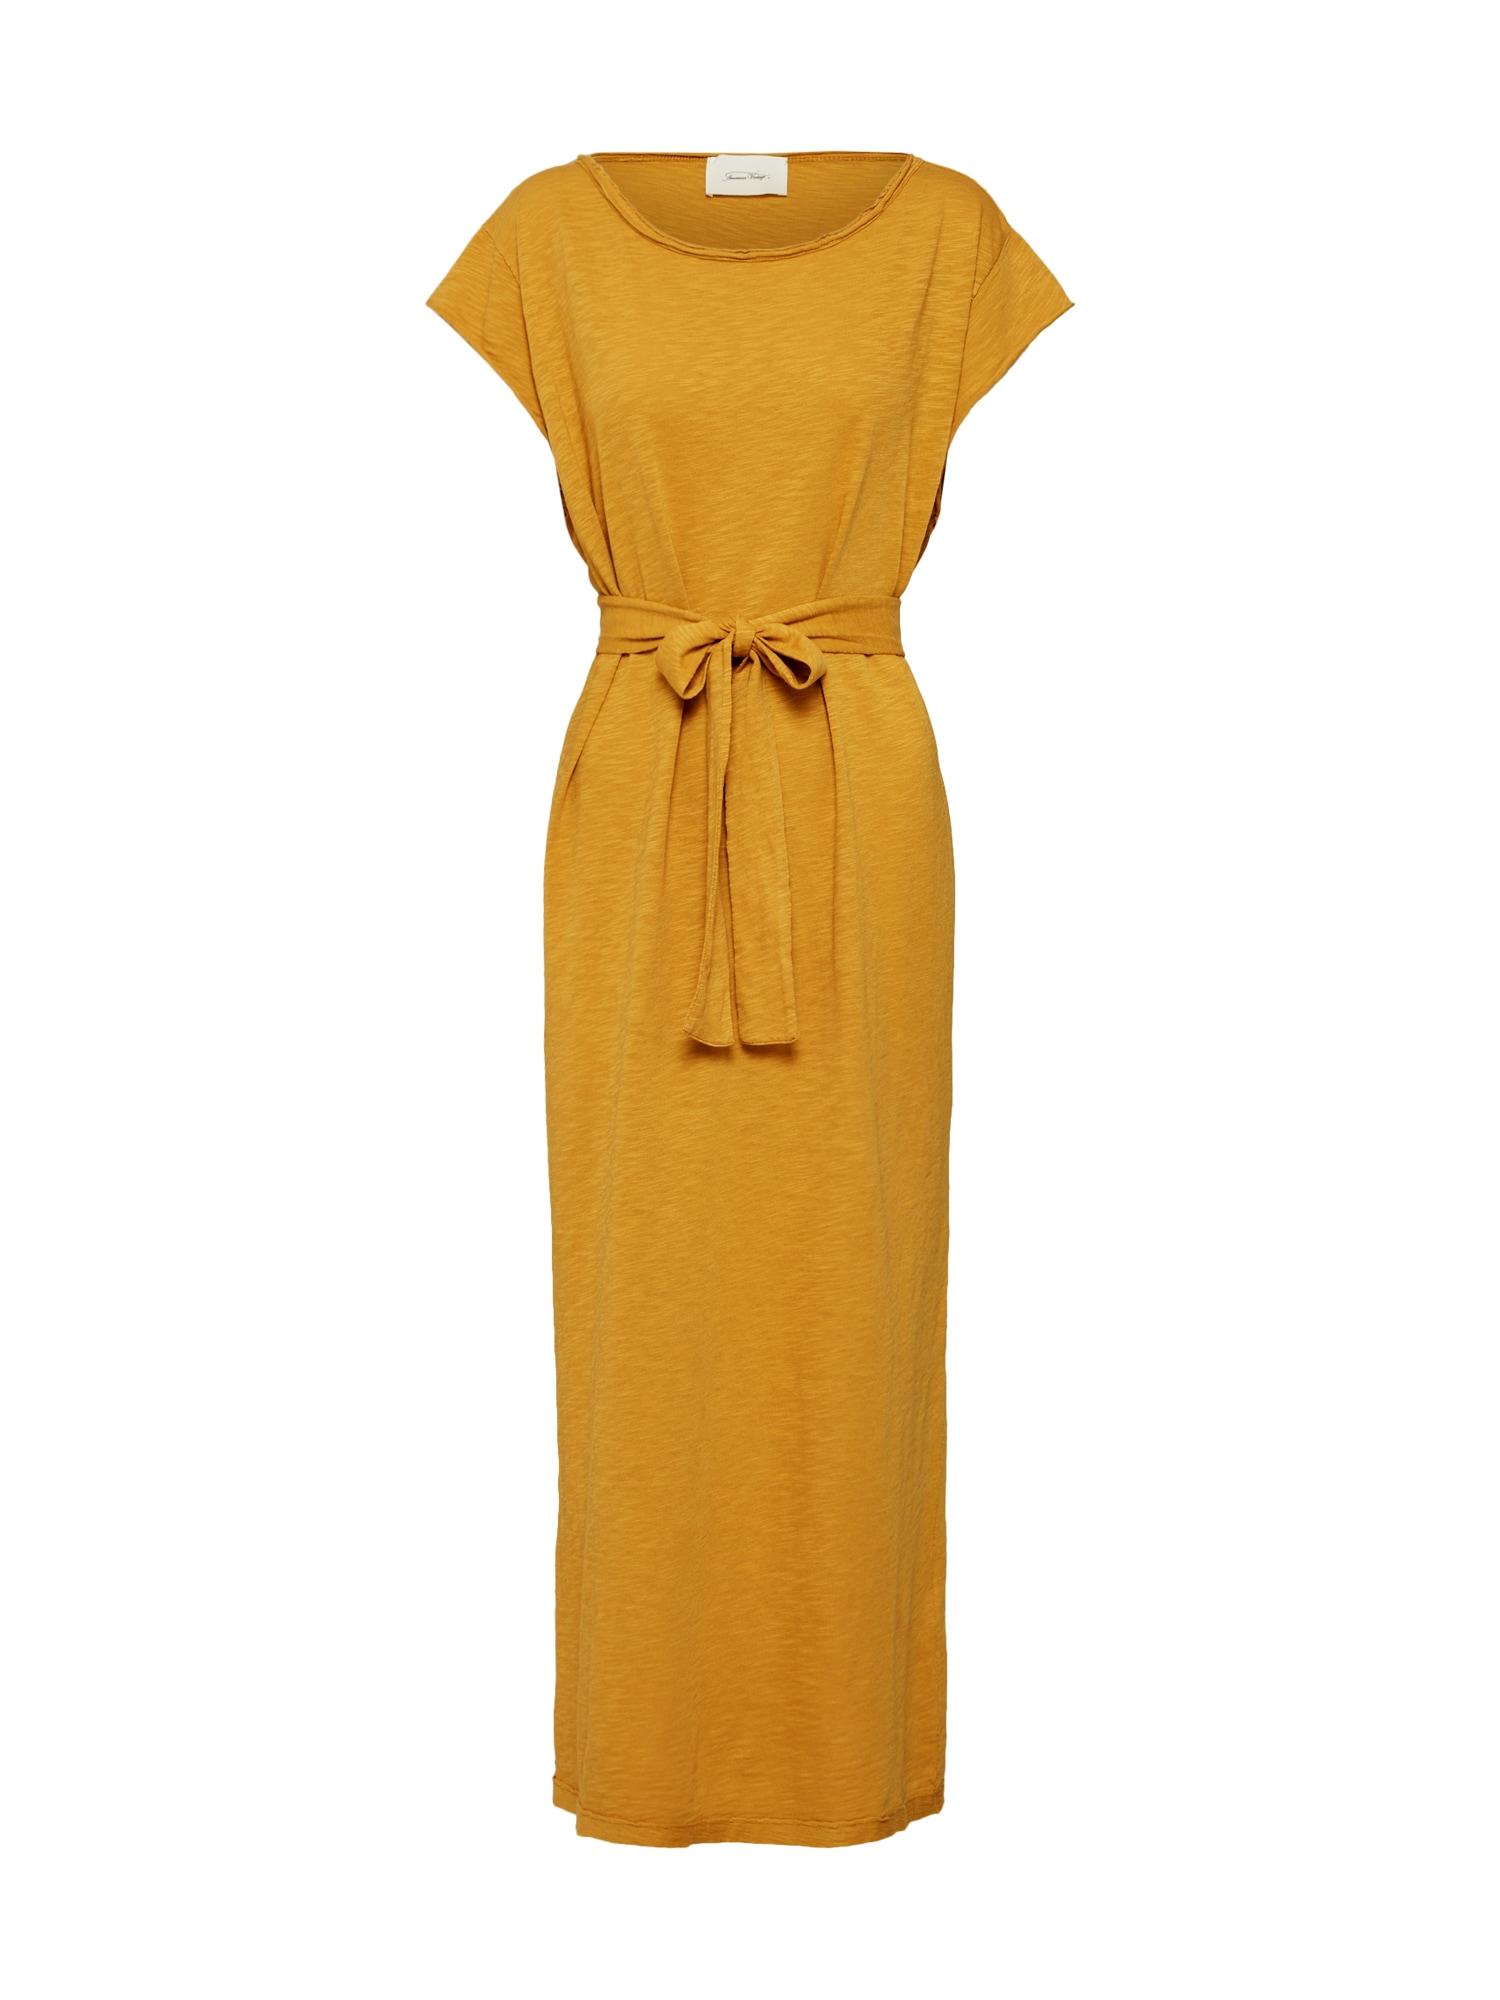 Šaty Bysapick zlatě žlutá AMERICAN VINTAGE